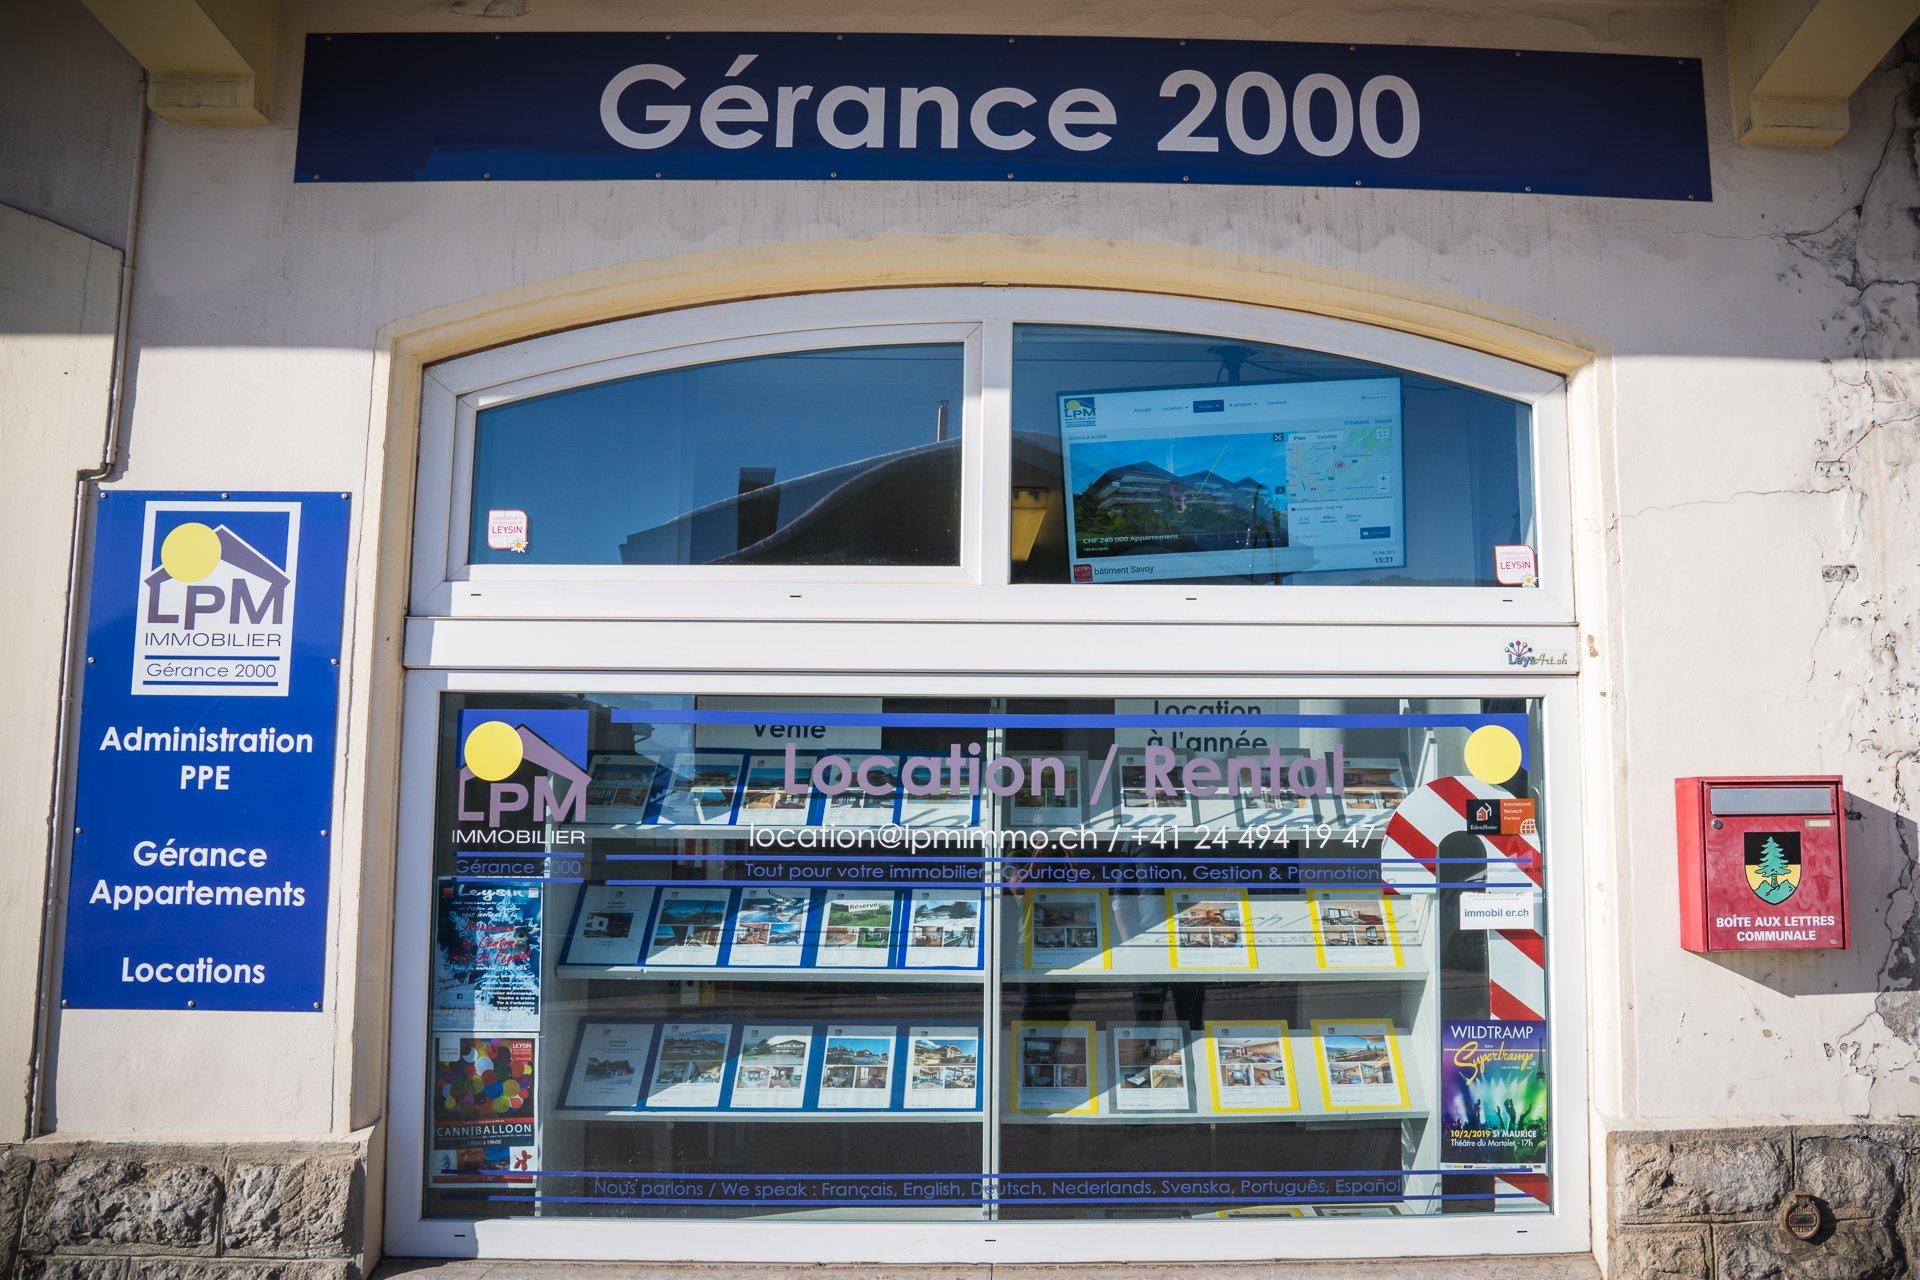 Ecran de vitrine pour agence immobilière avec digital signage. Réseau d'affichage pour région touristique par Pixium.